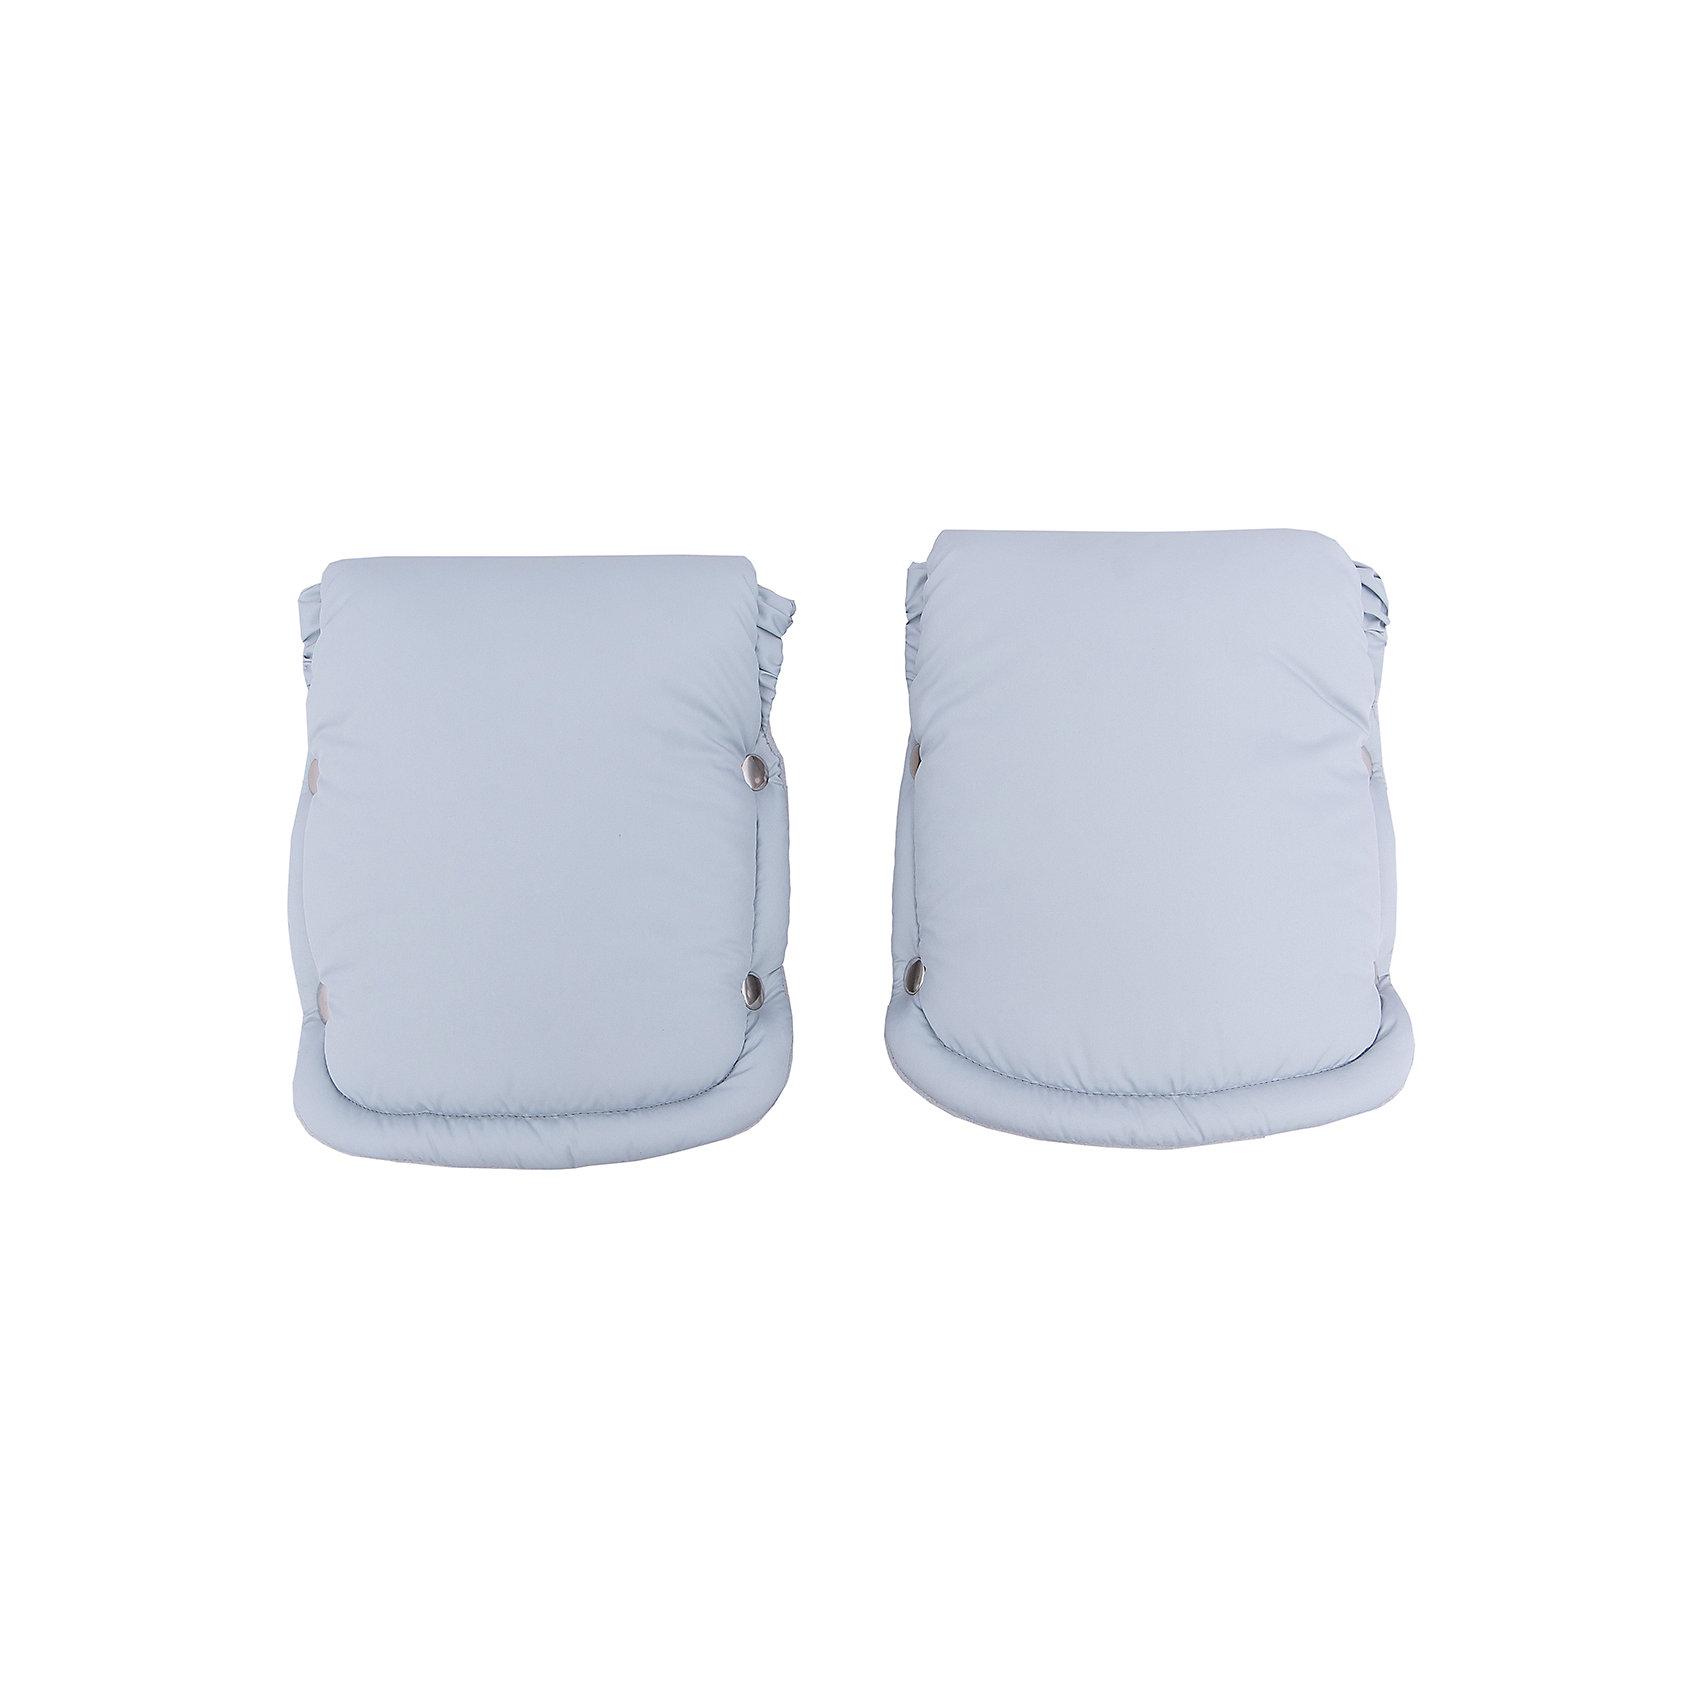 Муфта для рук (рукавички) Туман, byTwinz, однотонныйАксессуары для колясок<br>Теплые рукавицы на осенне-зимний период защищают руки мамы, бабушки или няни от ветра, холода и непогоды, согревают их и помогают сохранить здоровье и бархатность кожи рук. Муфра для рук состоит из двух рукавичек, которые застегиваются на кнопки, используется как для колясок с цельной ручкой, так для колясок с отдельными ручками. <br><br>Дополнительная информация:<br><br>Температурный режим: до -15 градусов<br><br>Материал: <br><br>- верх: непромокаемая ткань, <br>- подкладка: флис, <br>- утеплитель: холофайбер.<br><br>Муфту для рук (рукавички) Туман, byTwinz, однотонную можно купить в нашем интернет-магазине.<br><br>Ширина мм: 250<br>Глубина мм: 230<br>Высота мм: 130<br>Вес г: 180<br>Возраст от месяцев: 0<br>Возраст до месяцев: 36<br>Пол: Унисекс<br>Возраст: Детский<br>SKU: 5045088